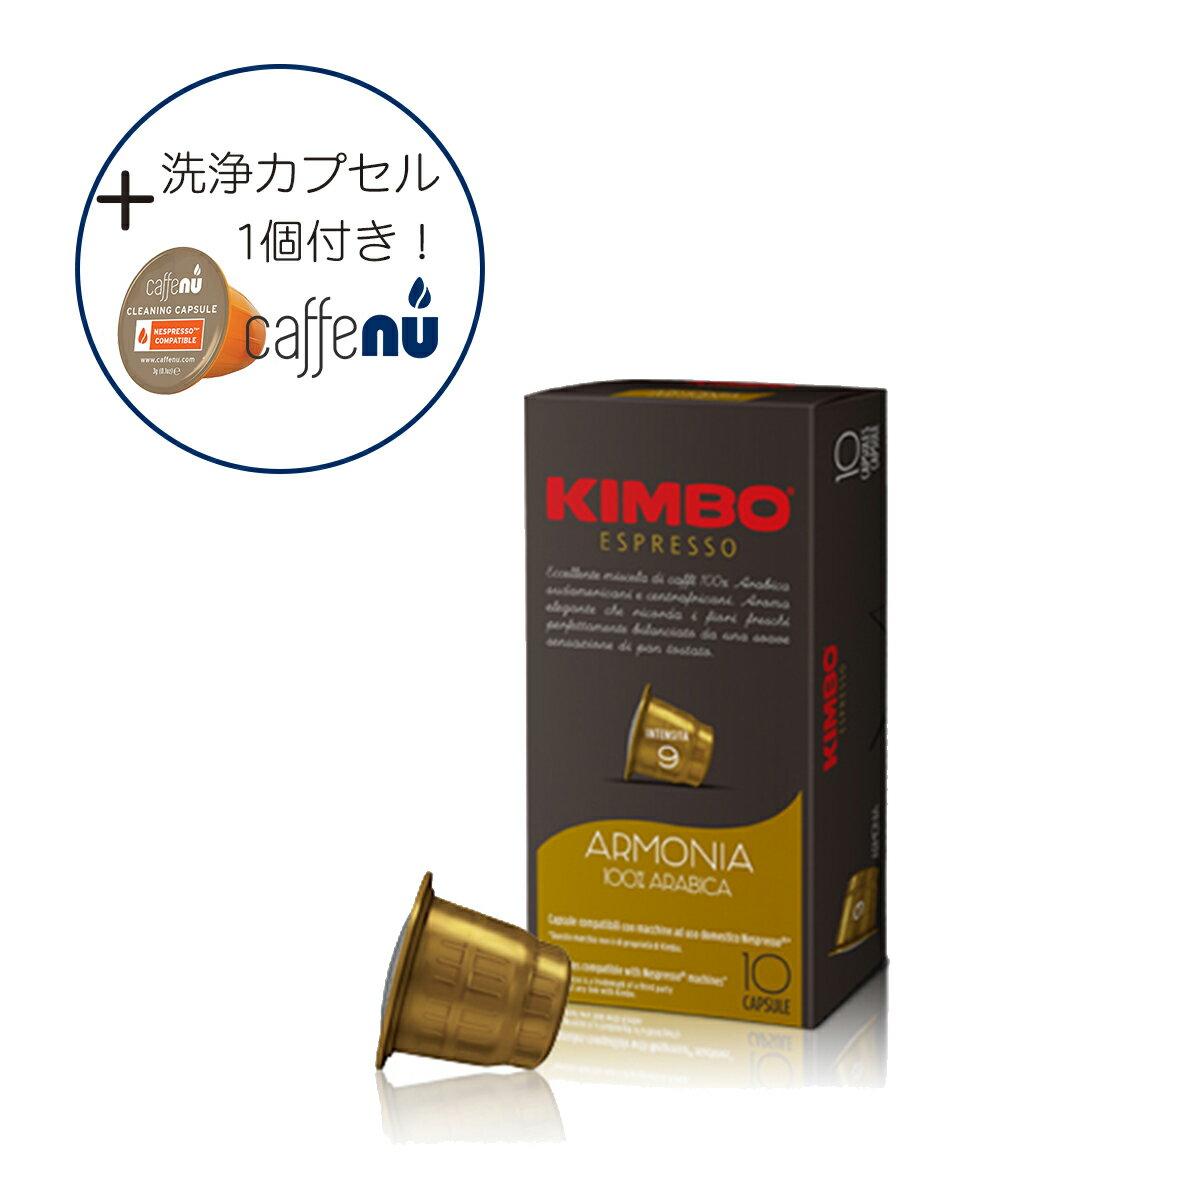 ネスプレッソ カプセル 互換 キンボ kimbo コーヒー アルモニア 1箱 10 カプセル